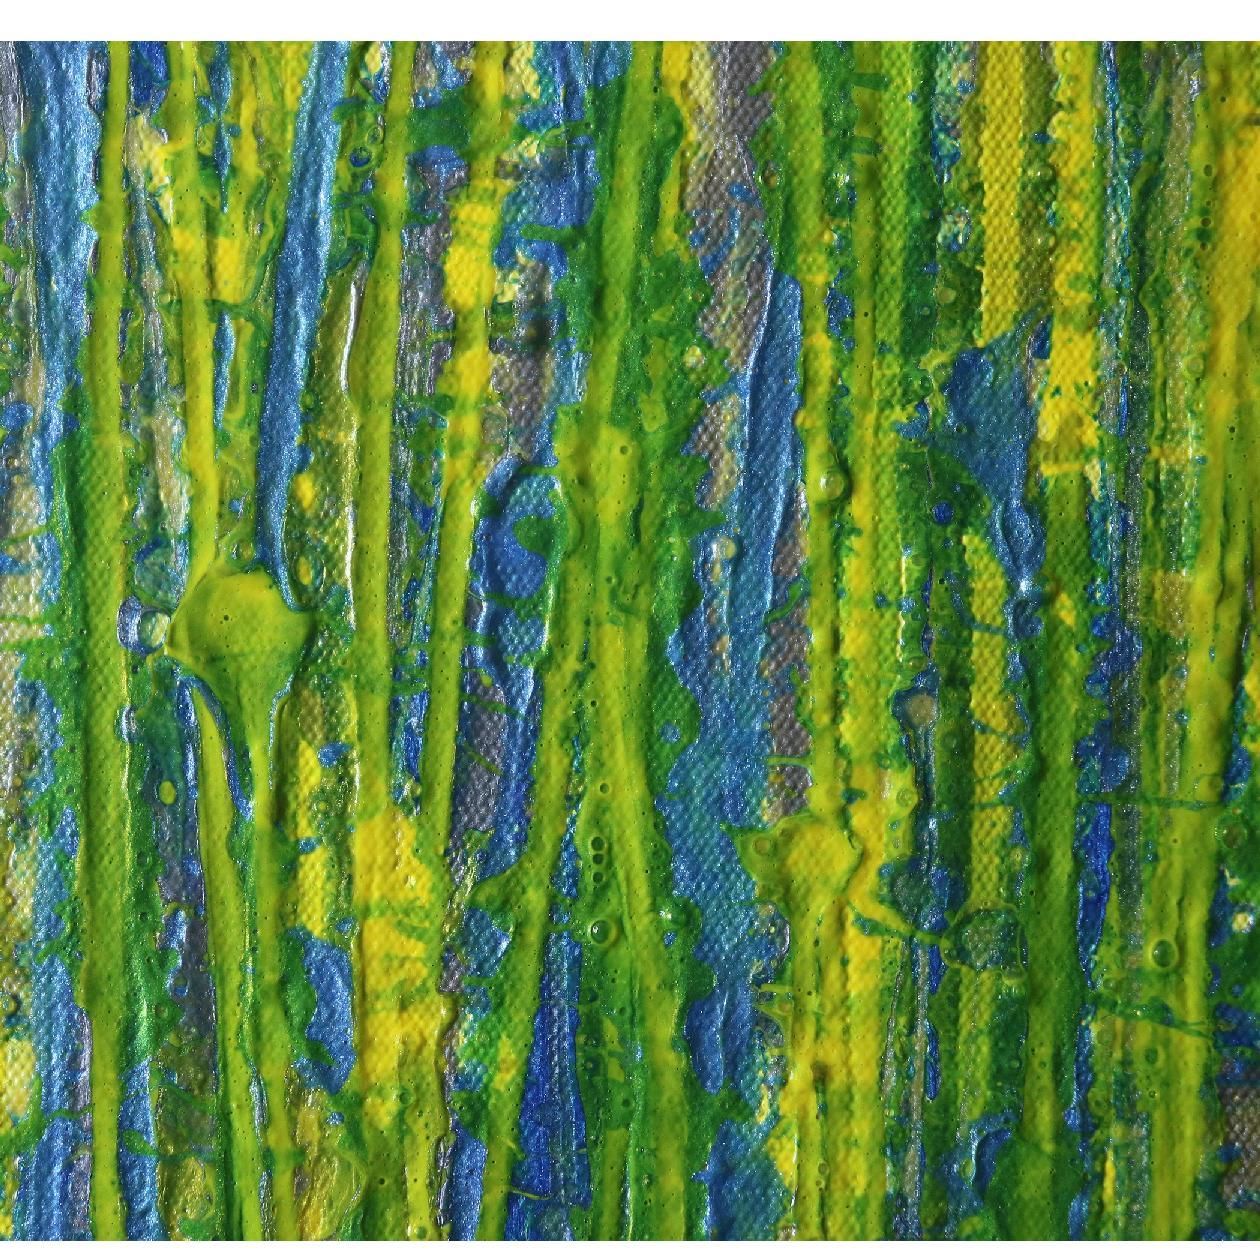 Detail - A closer look (Luminance garden) 4 (2020) by Nestor Toro